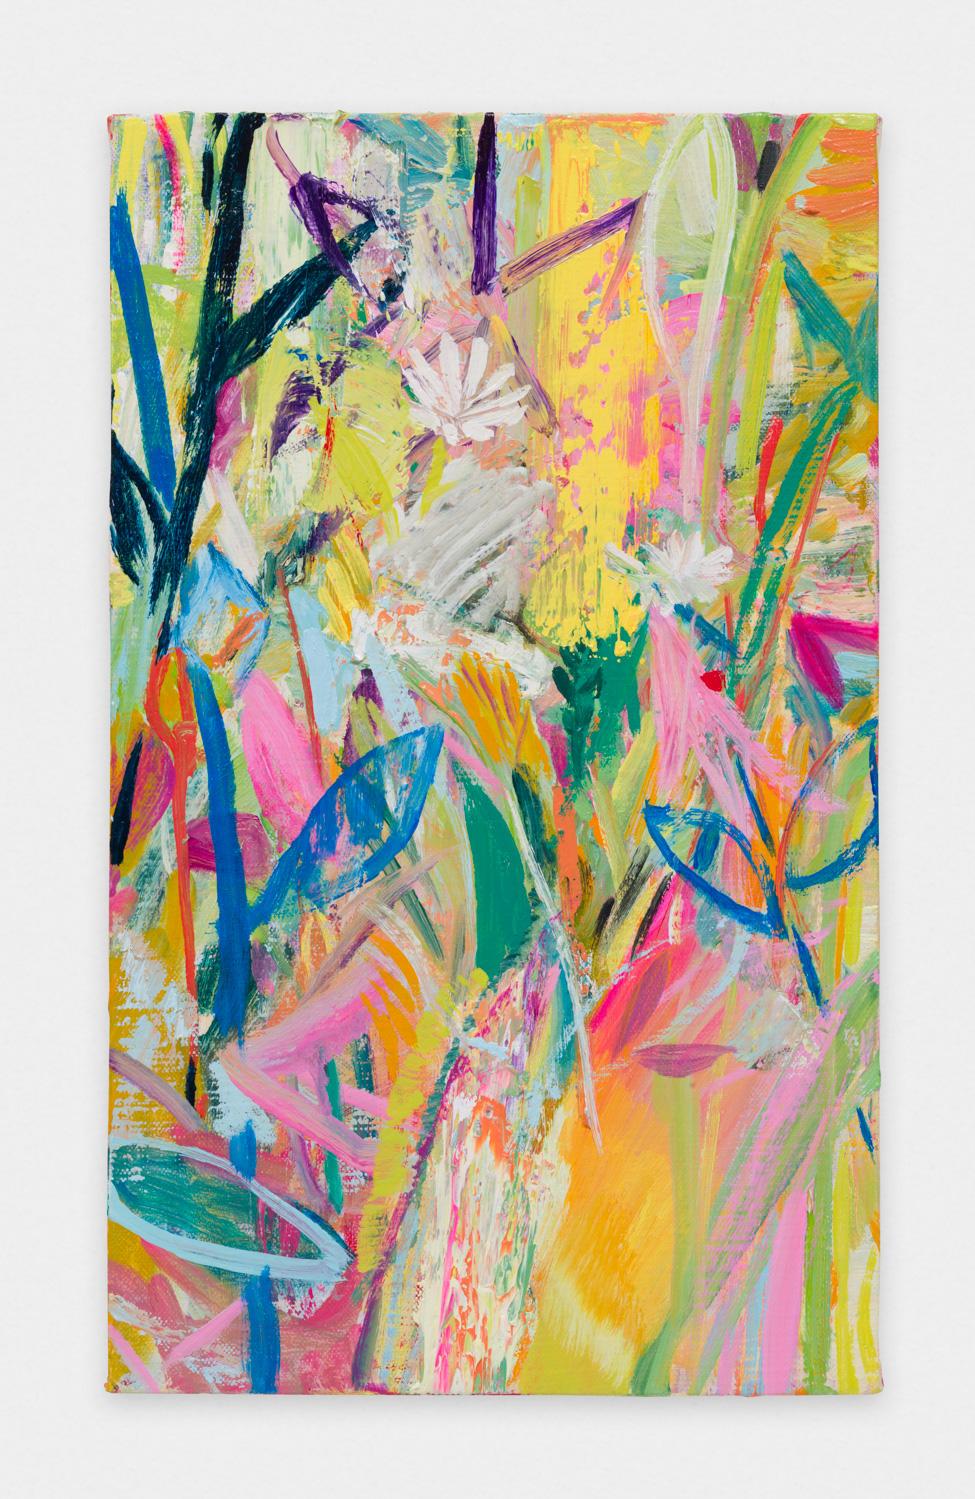 Miki Mochizuka  CMYK  2015 - 2016 Oil on canvas 17.91h x 10.75w in (45.5h x 27.3w cm) MikiM009